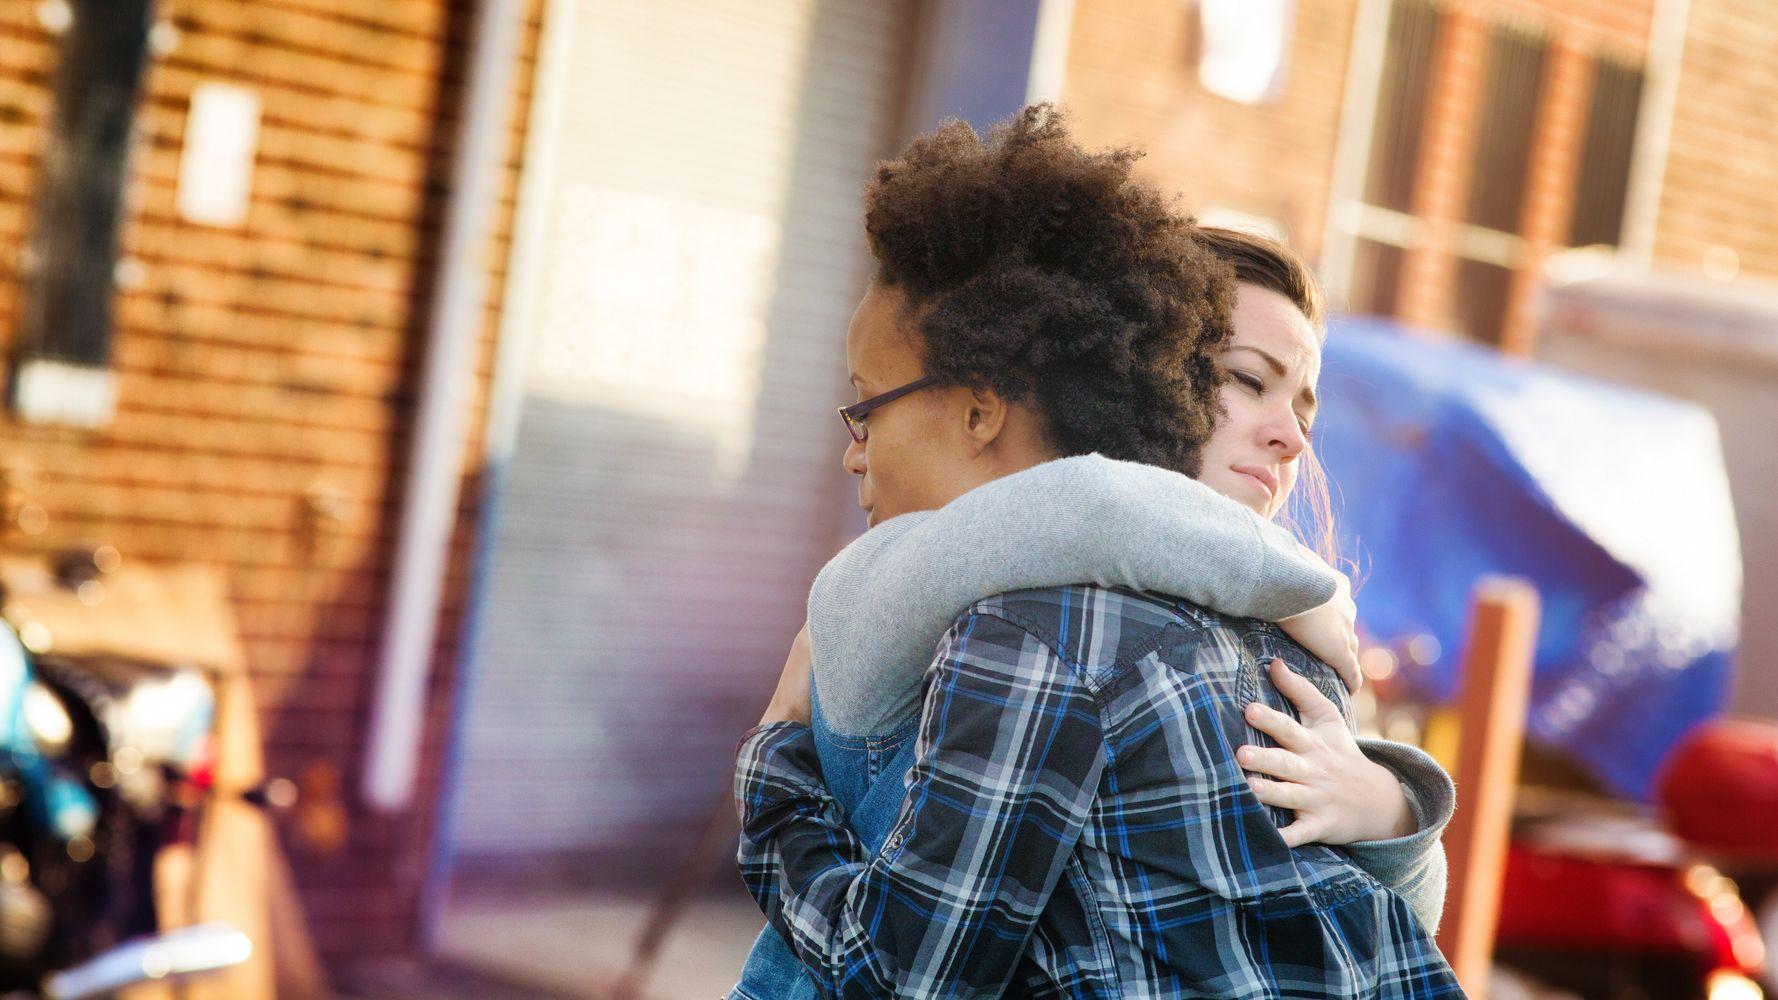 Pourquoi il faut apprendre à pardonner, selon la science